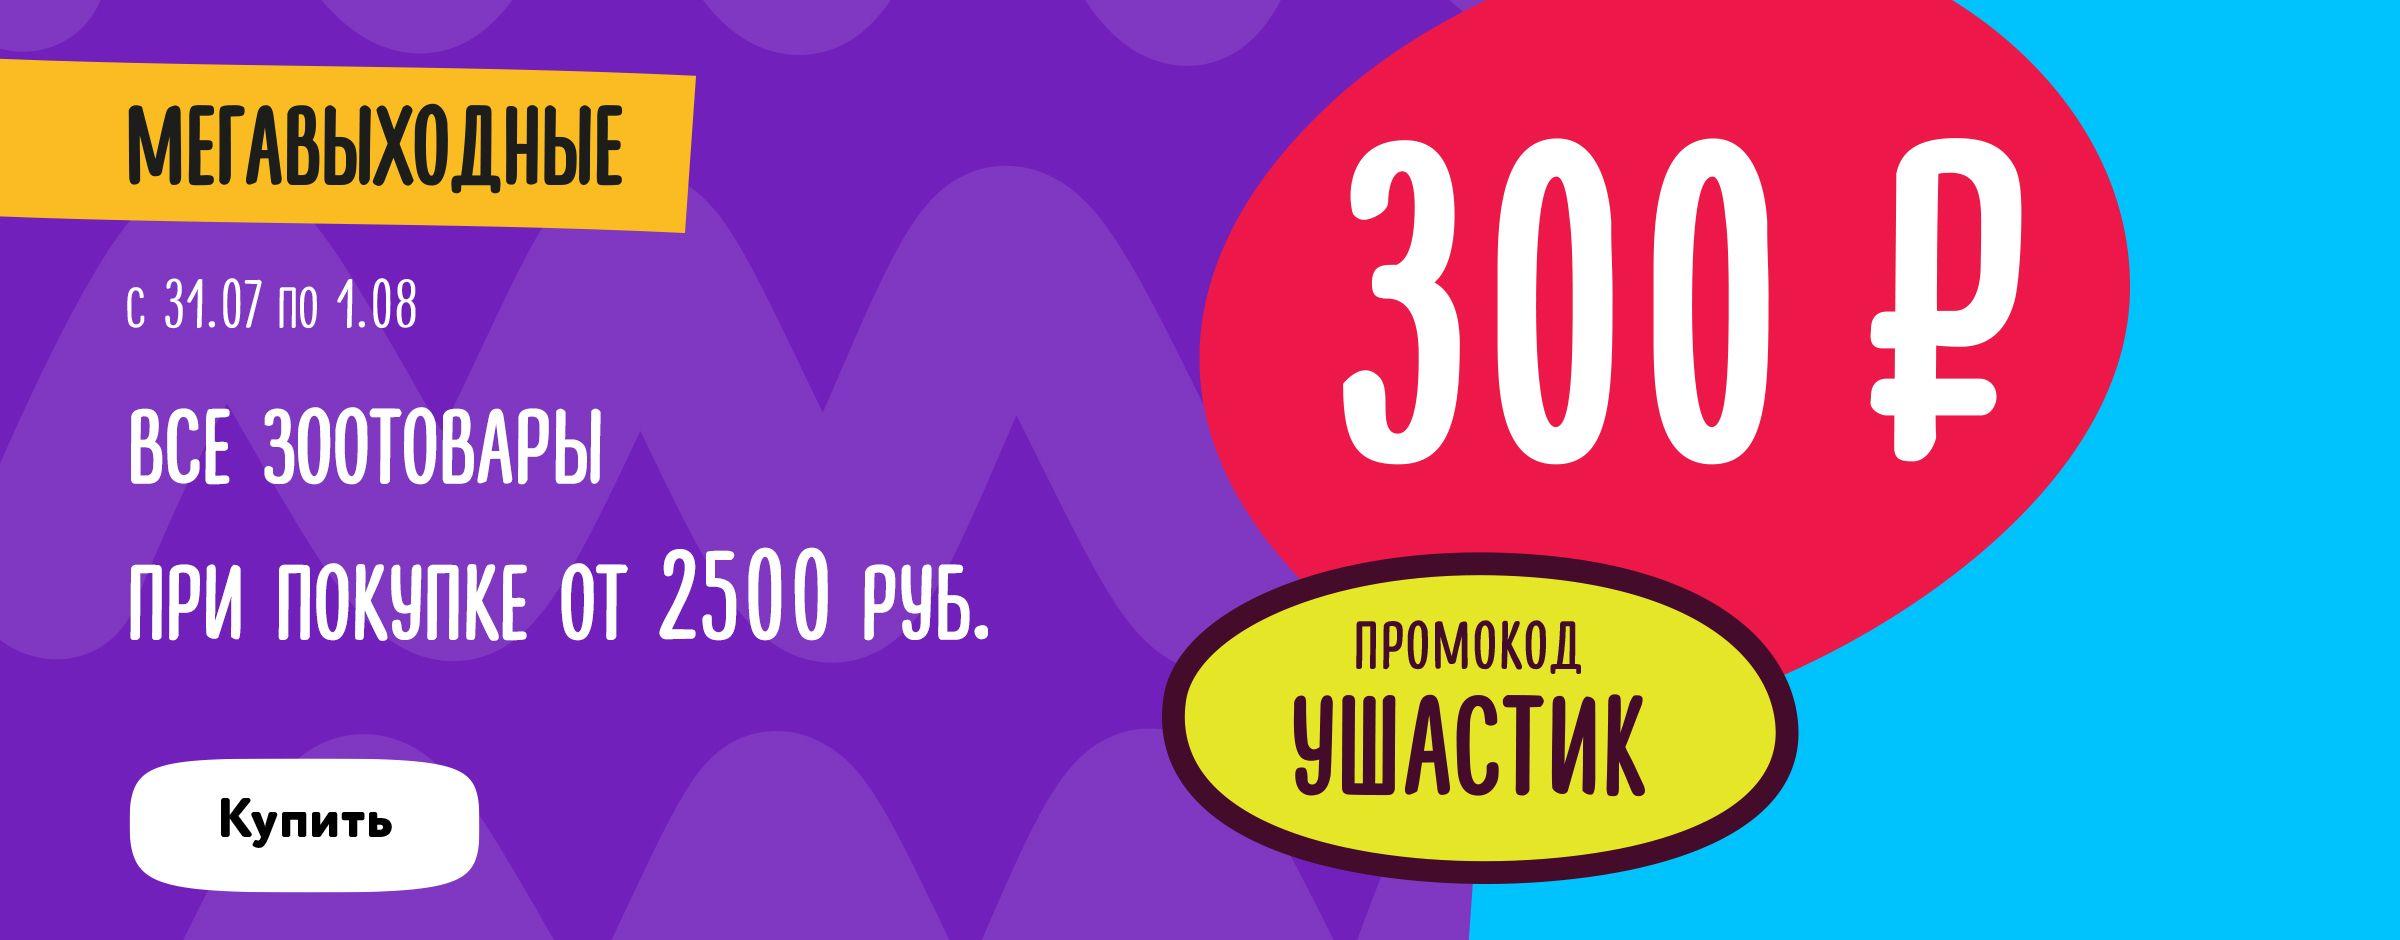 Скидка 300р на все зоотовары при покупке от 2500р. по промокоду УШАСТИК статика